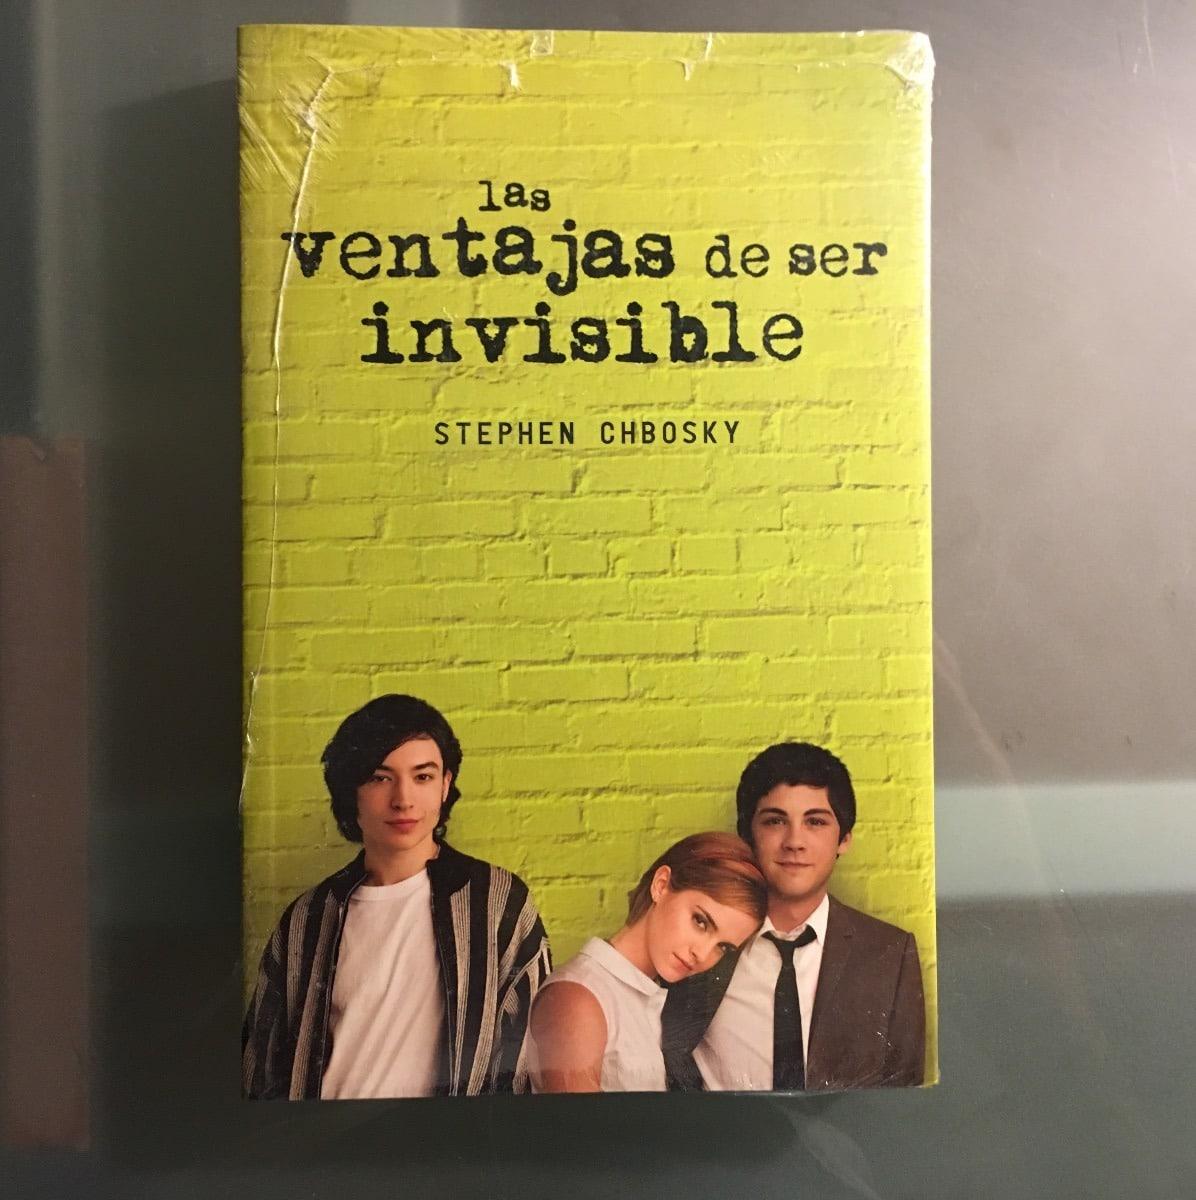 LAS VENTAJAS DE SER INVISIBLE: ARGUMENTO, ESTILO, RESUMEN